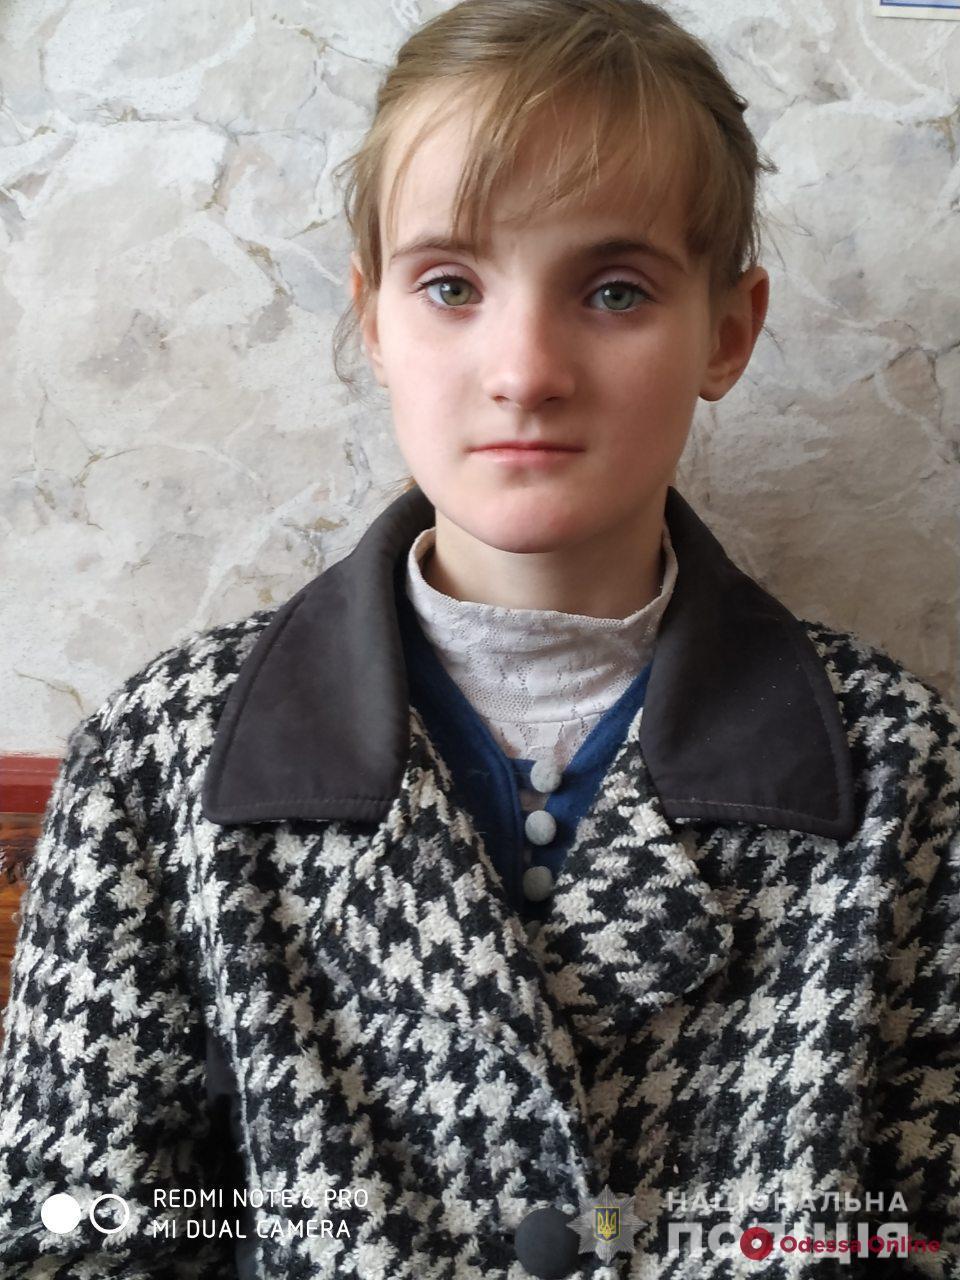 Отправилась к подруге: в Одесской области ищут пропавшую 12-летнюю девочку (обновлено)